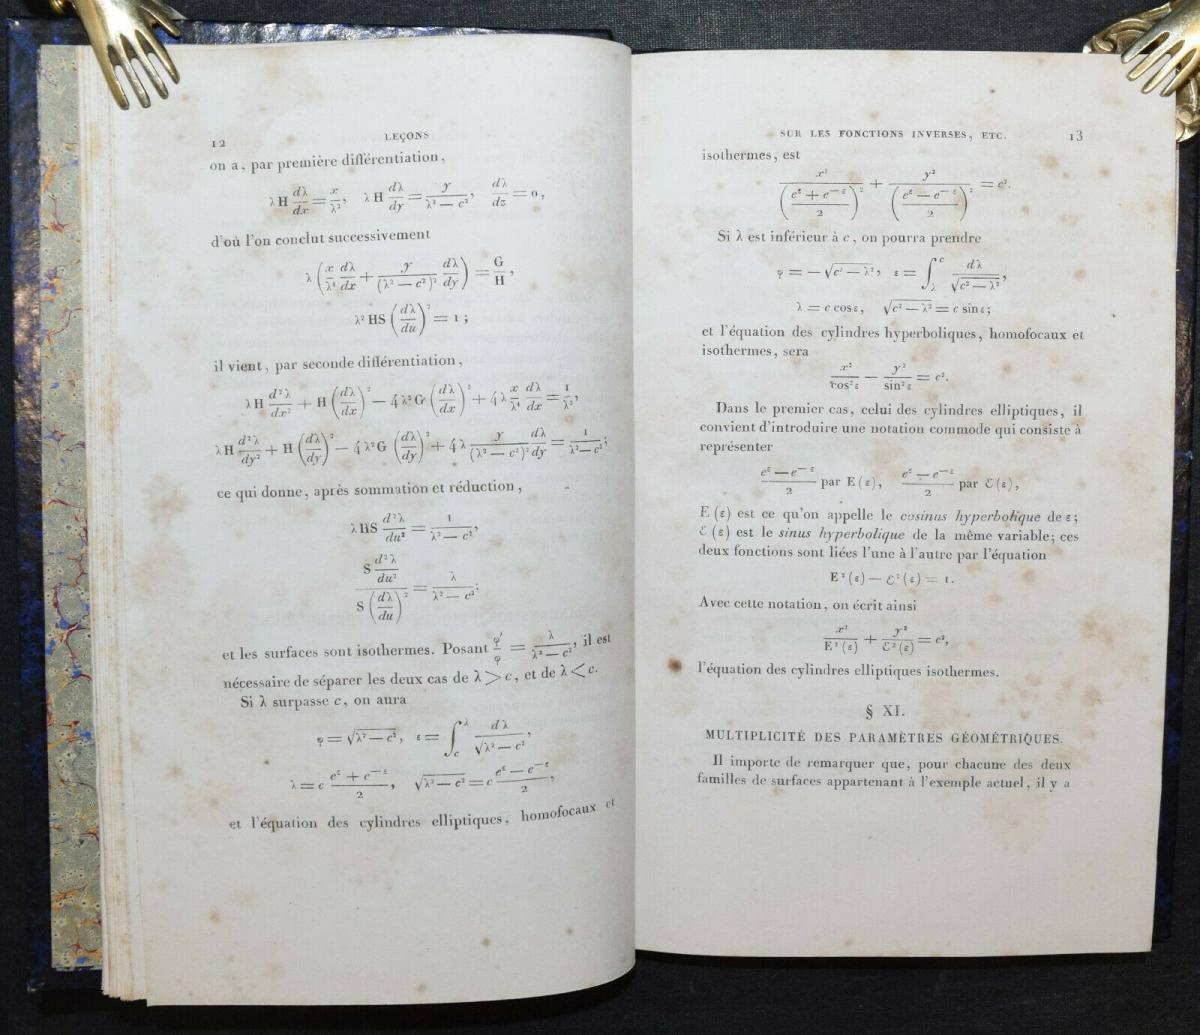 LEÇONS SUR LES FONCTIONS INVERSES DES TRANSCENDANTES - GABRIEL LAMÉ - 1857 3